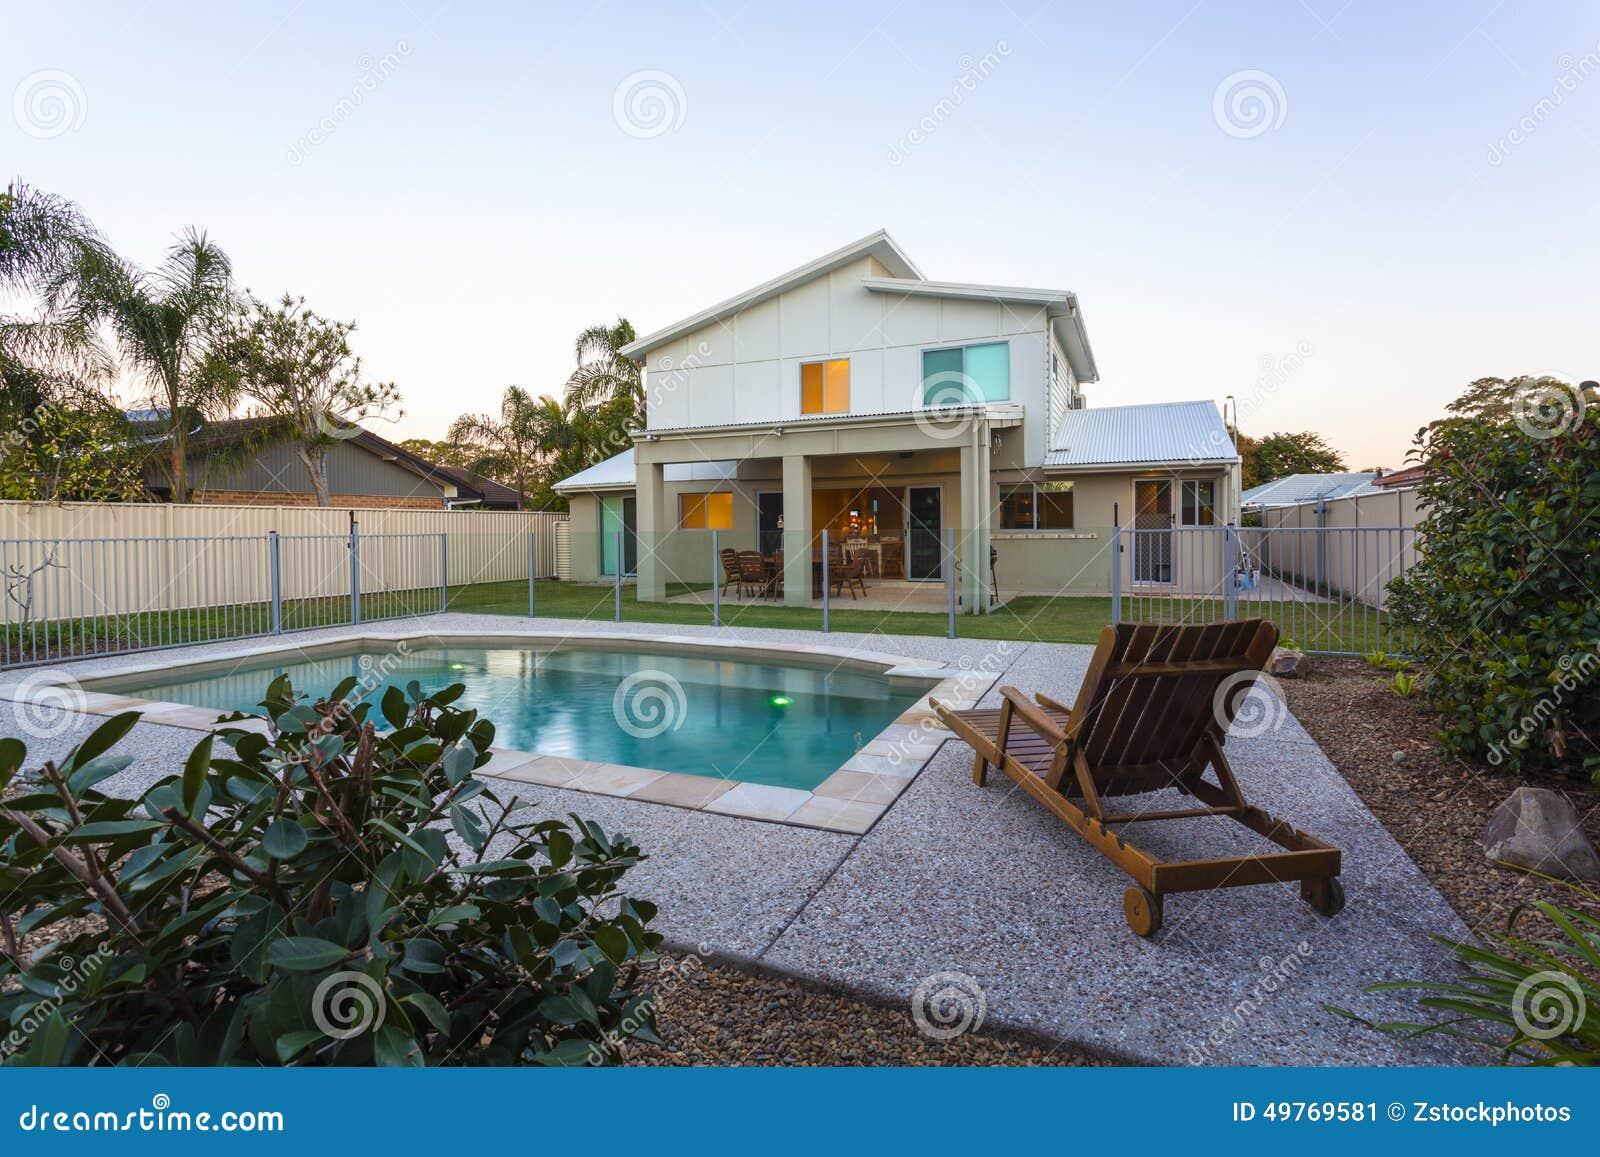 Modernes Haus Außen An Der Dämmerung Stockbild - Bild von ...